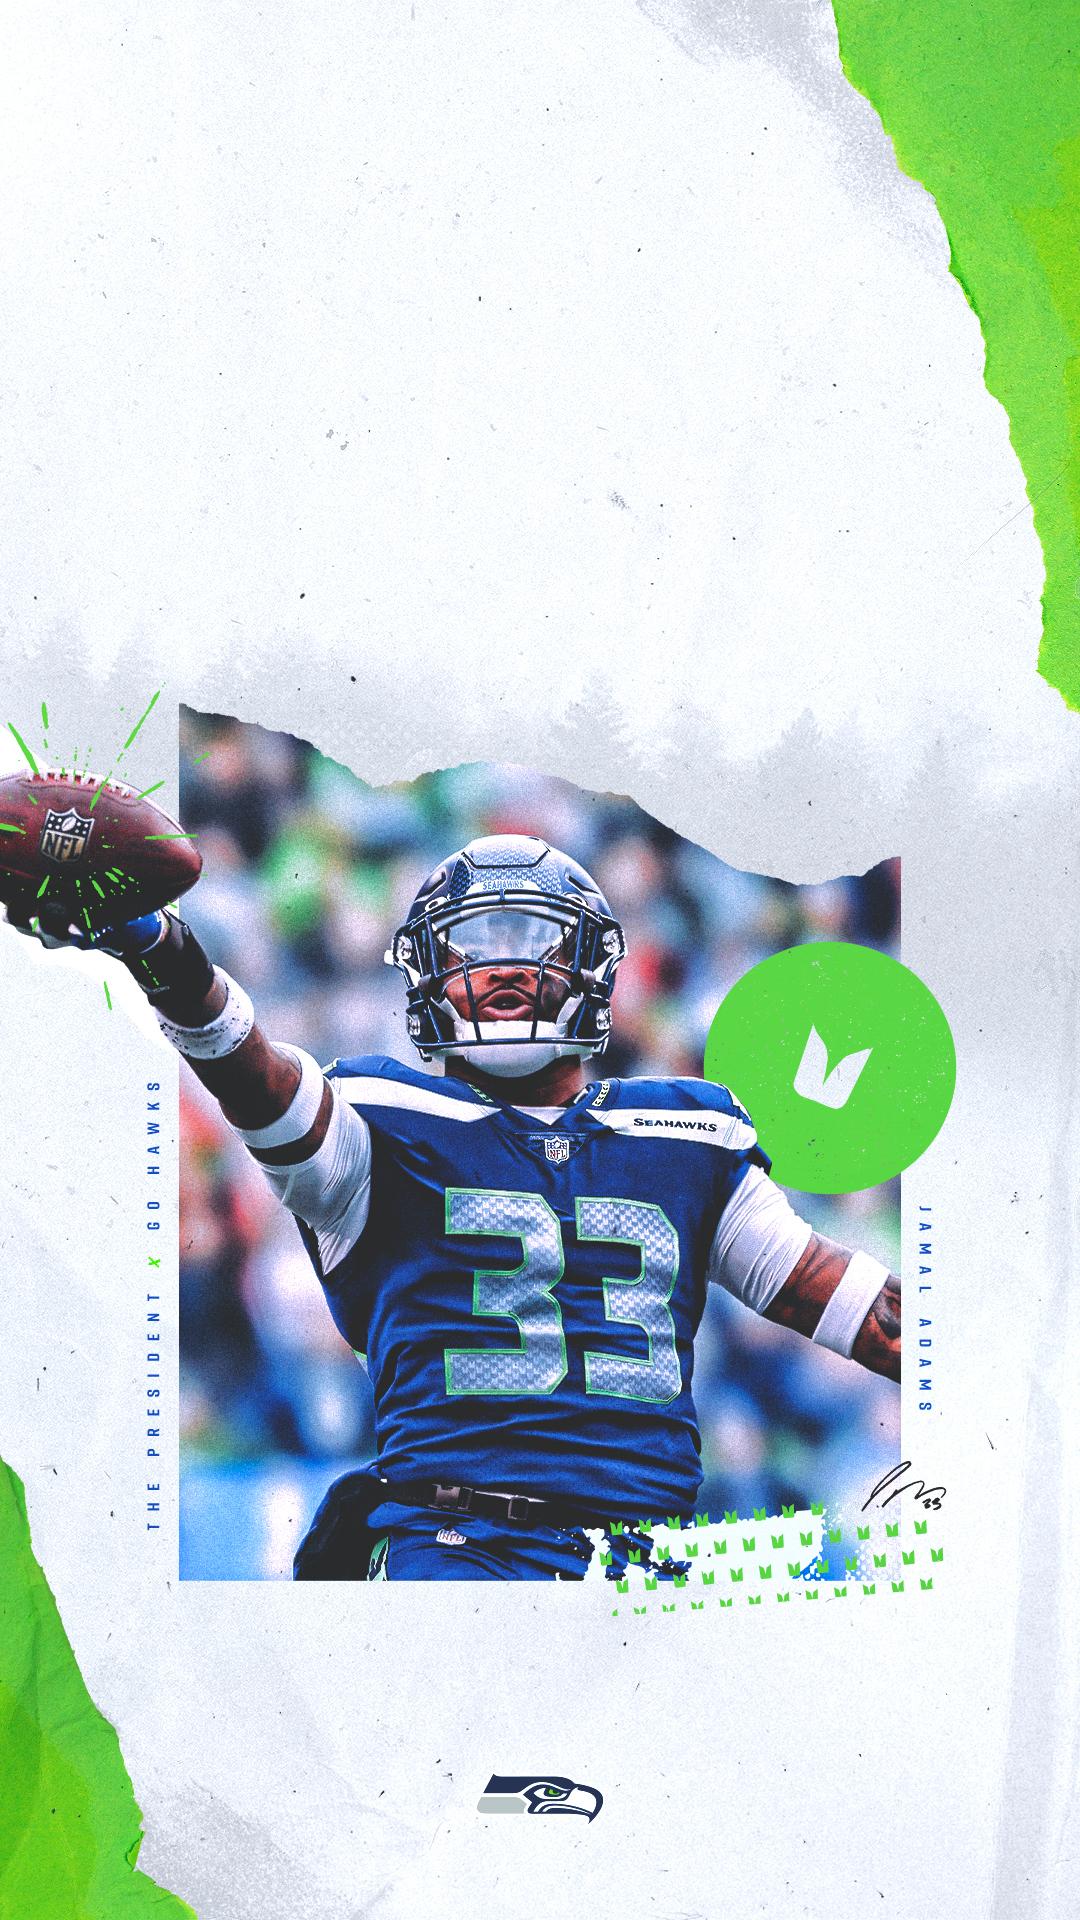 Seahawks Mobile Wallpapers Seattle Seahawks seahawkscom 1080x1920